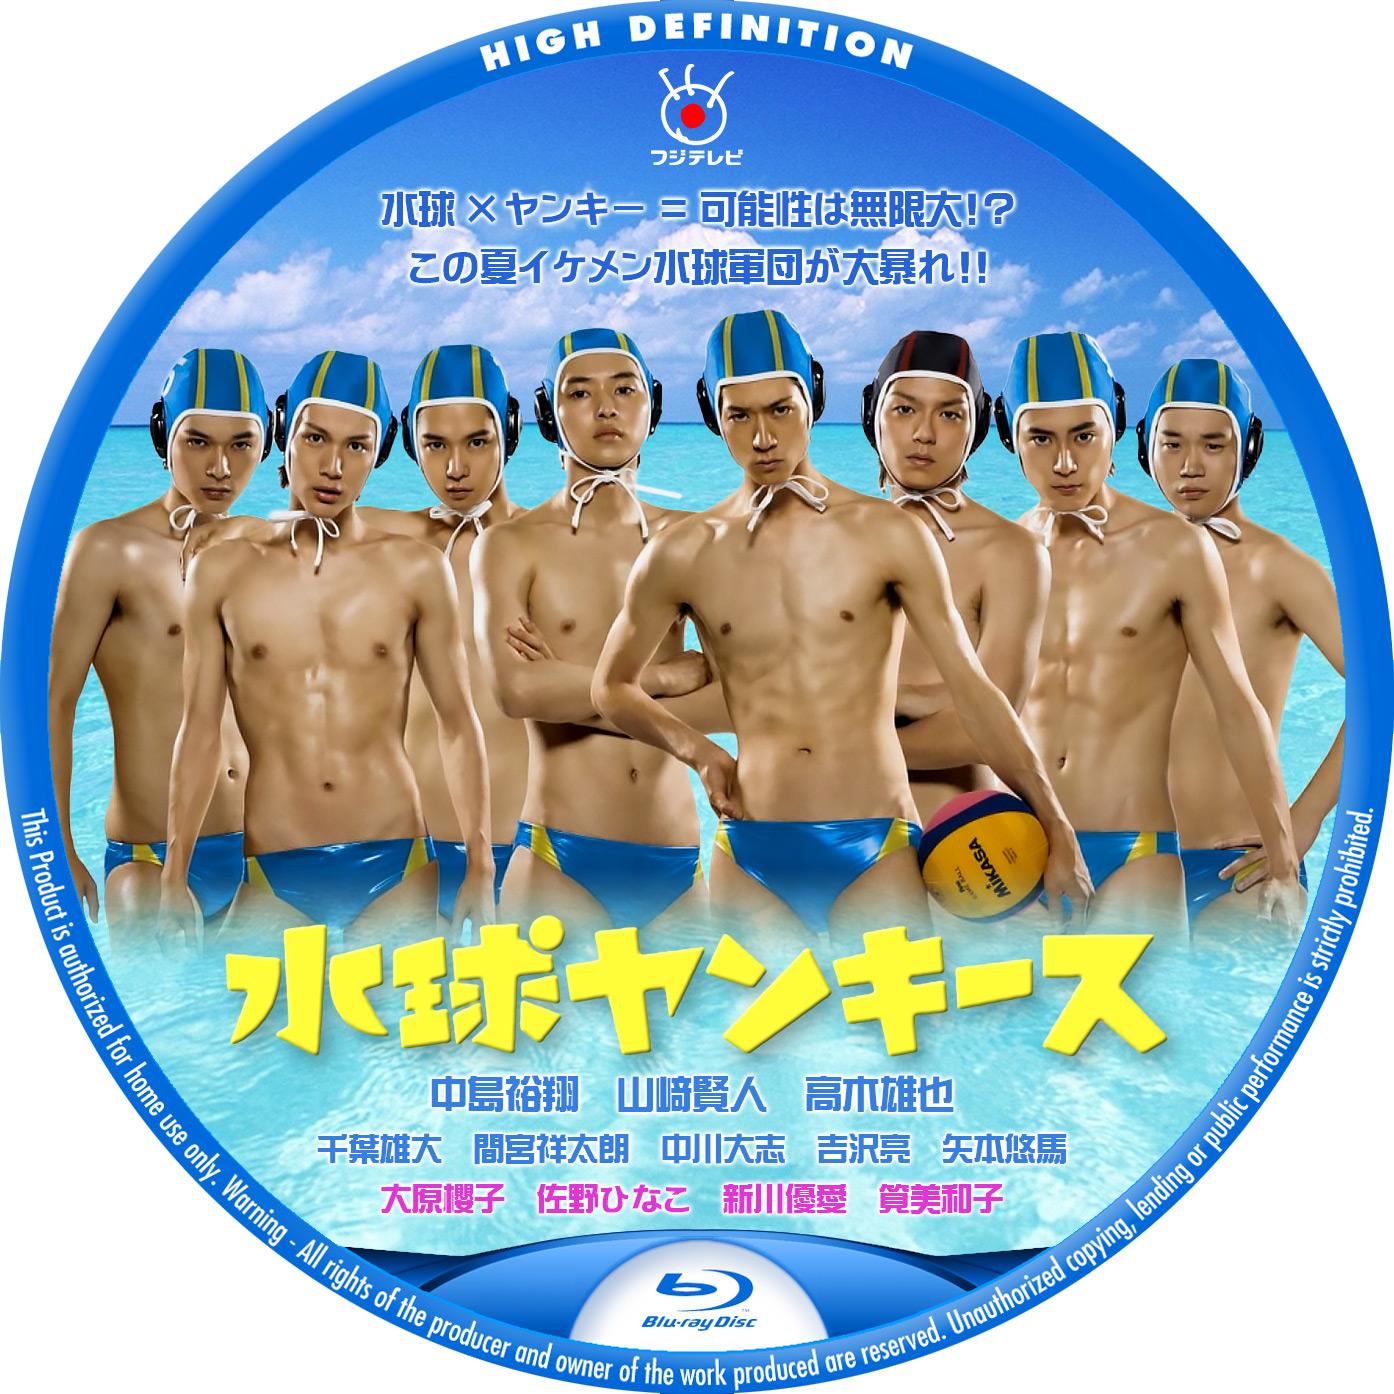 水球ヤンキース Blu-ray BDラベル Hey! Say! JUMP